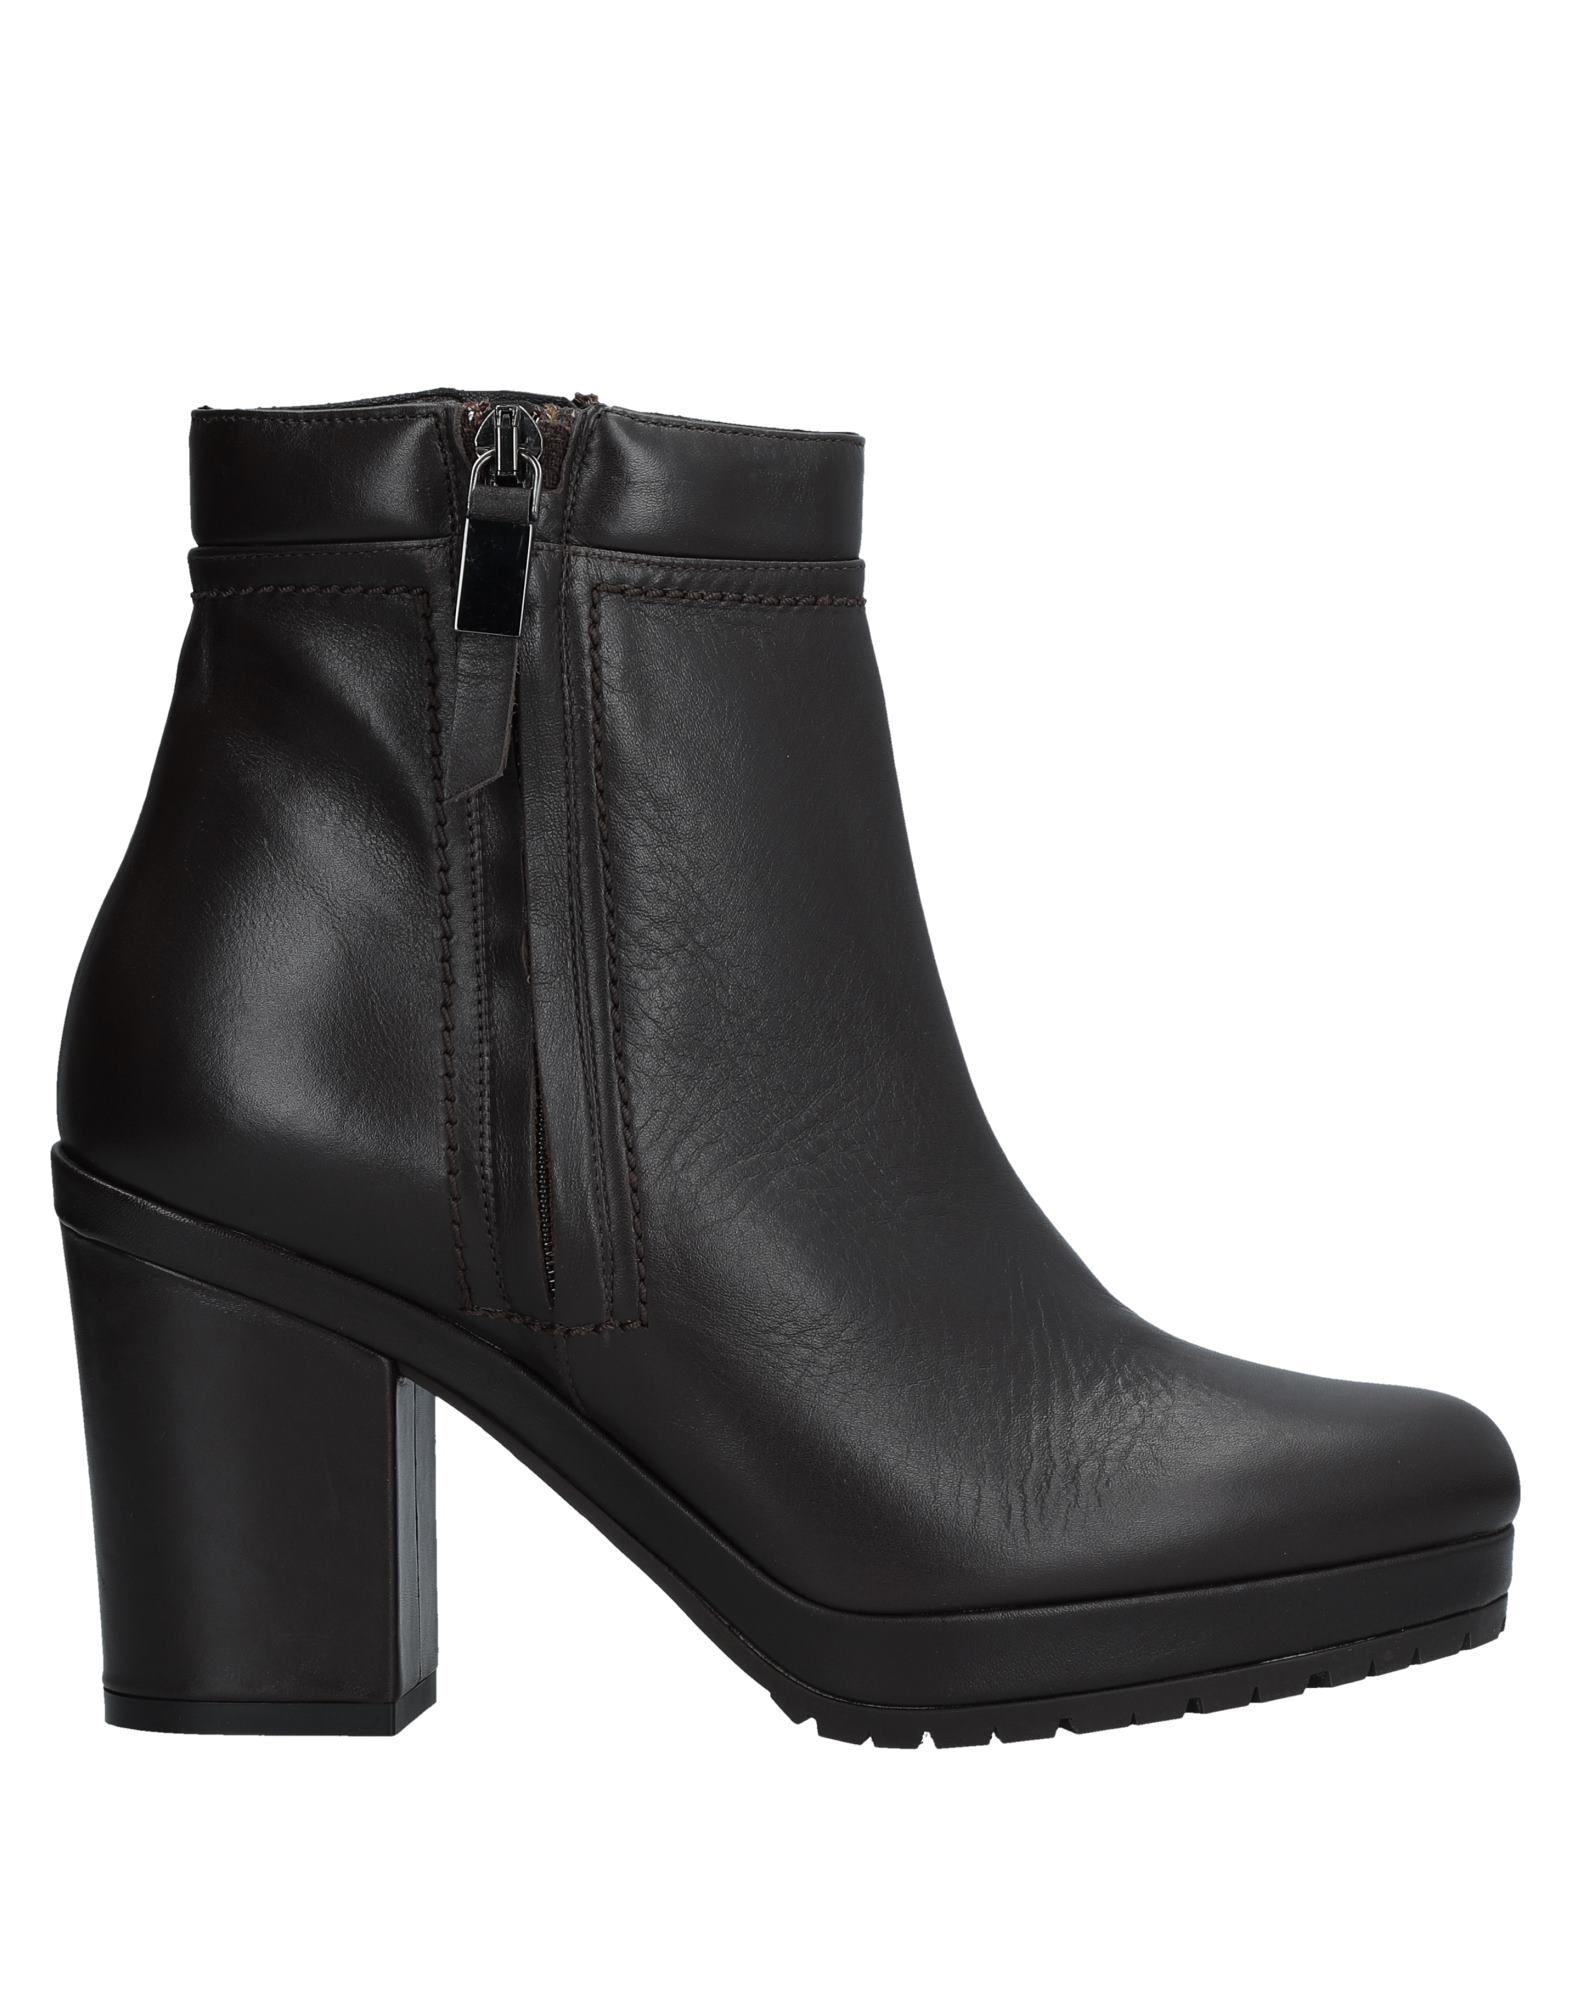 Albano Stiefelette Damen  11252138ET Gute Qualität beliebte Schuhe